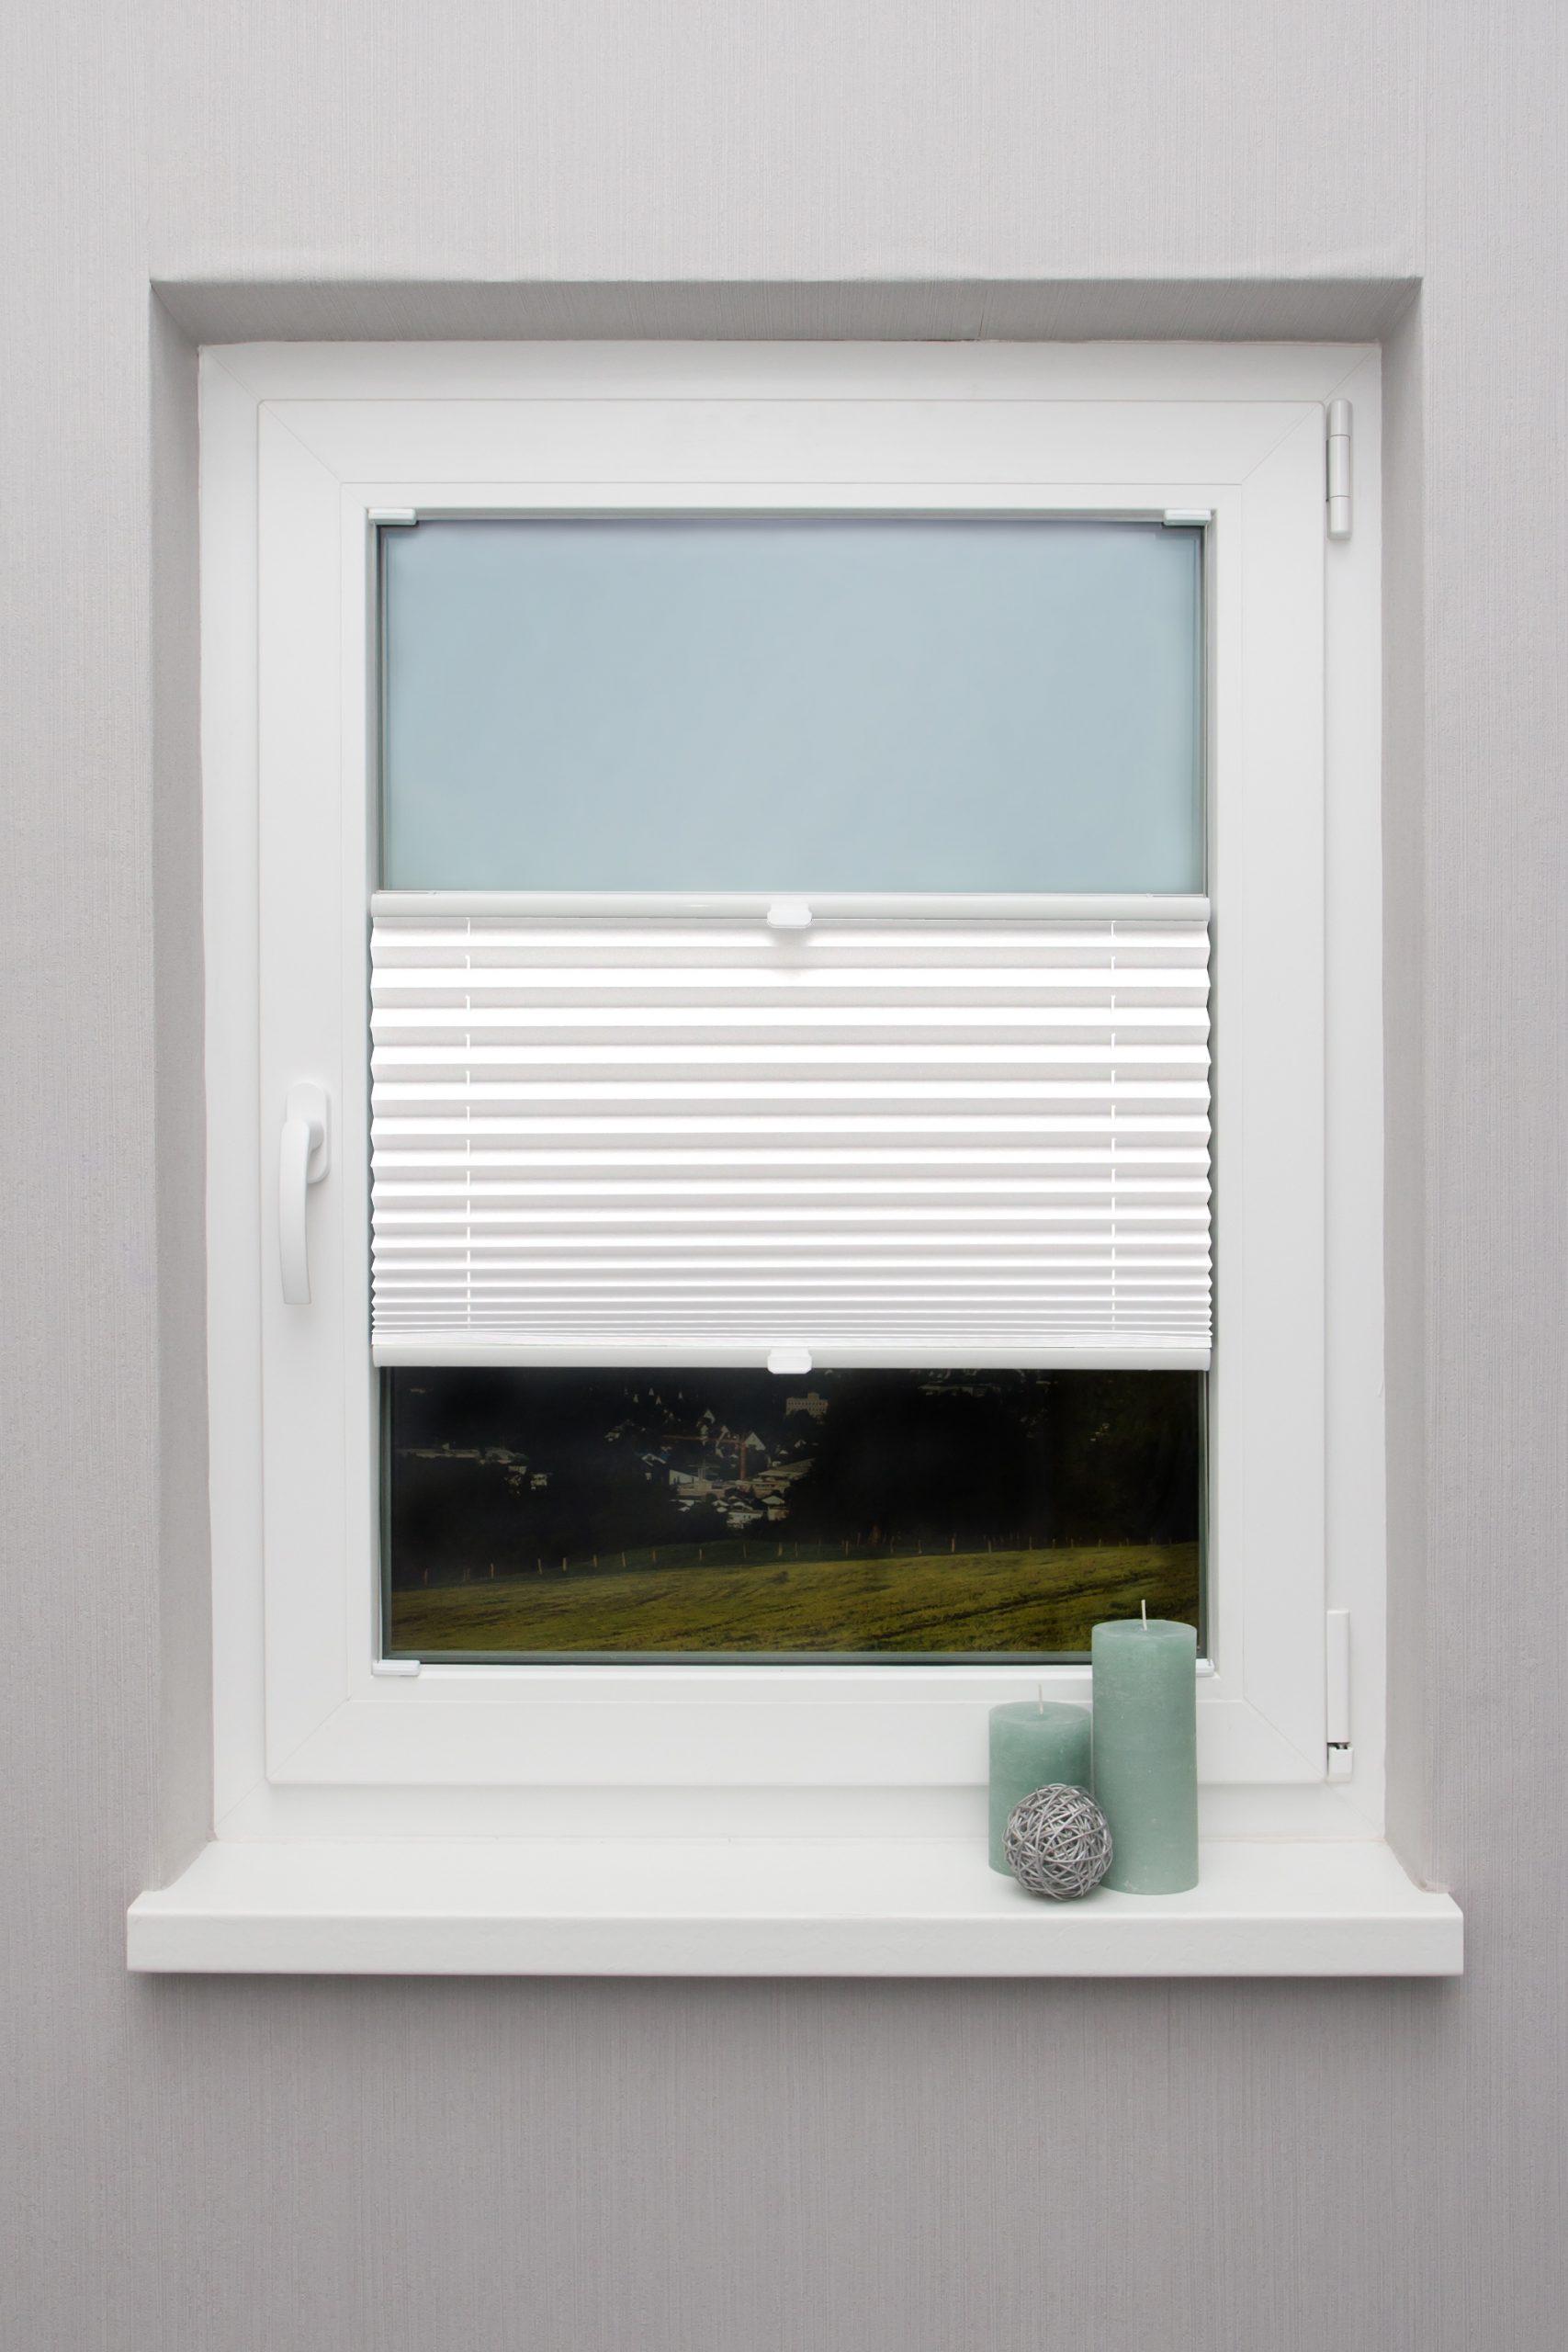 Full Size of Plissee Fenster Kleben Montageanleitung Klemmen Undicht Ausmessen Montage Fensterrahmen Richtig Messen Soluna Plissees Zum Amazon Ohne Bohren Ins Innen Folie Fenster Plissee Fenster